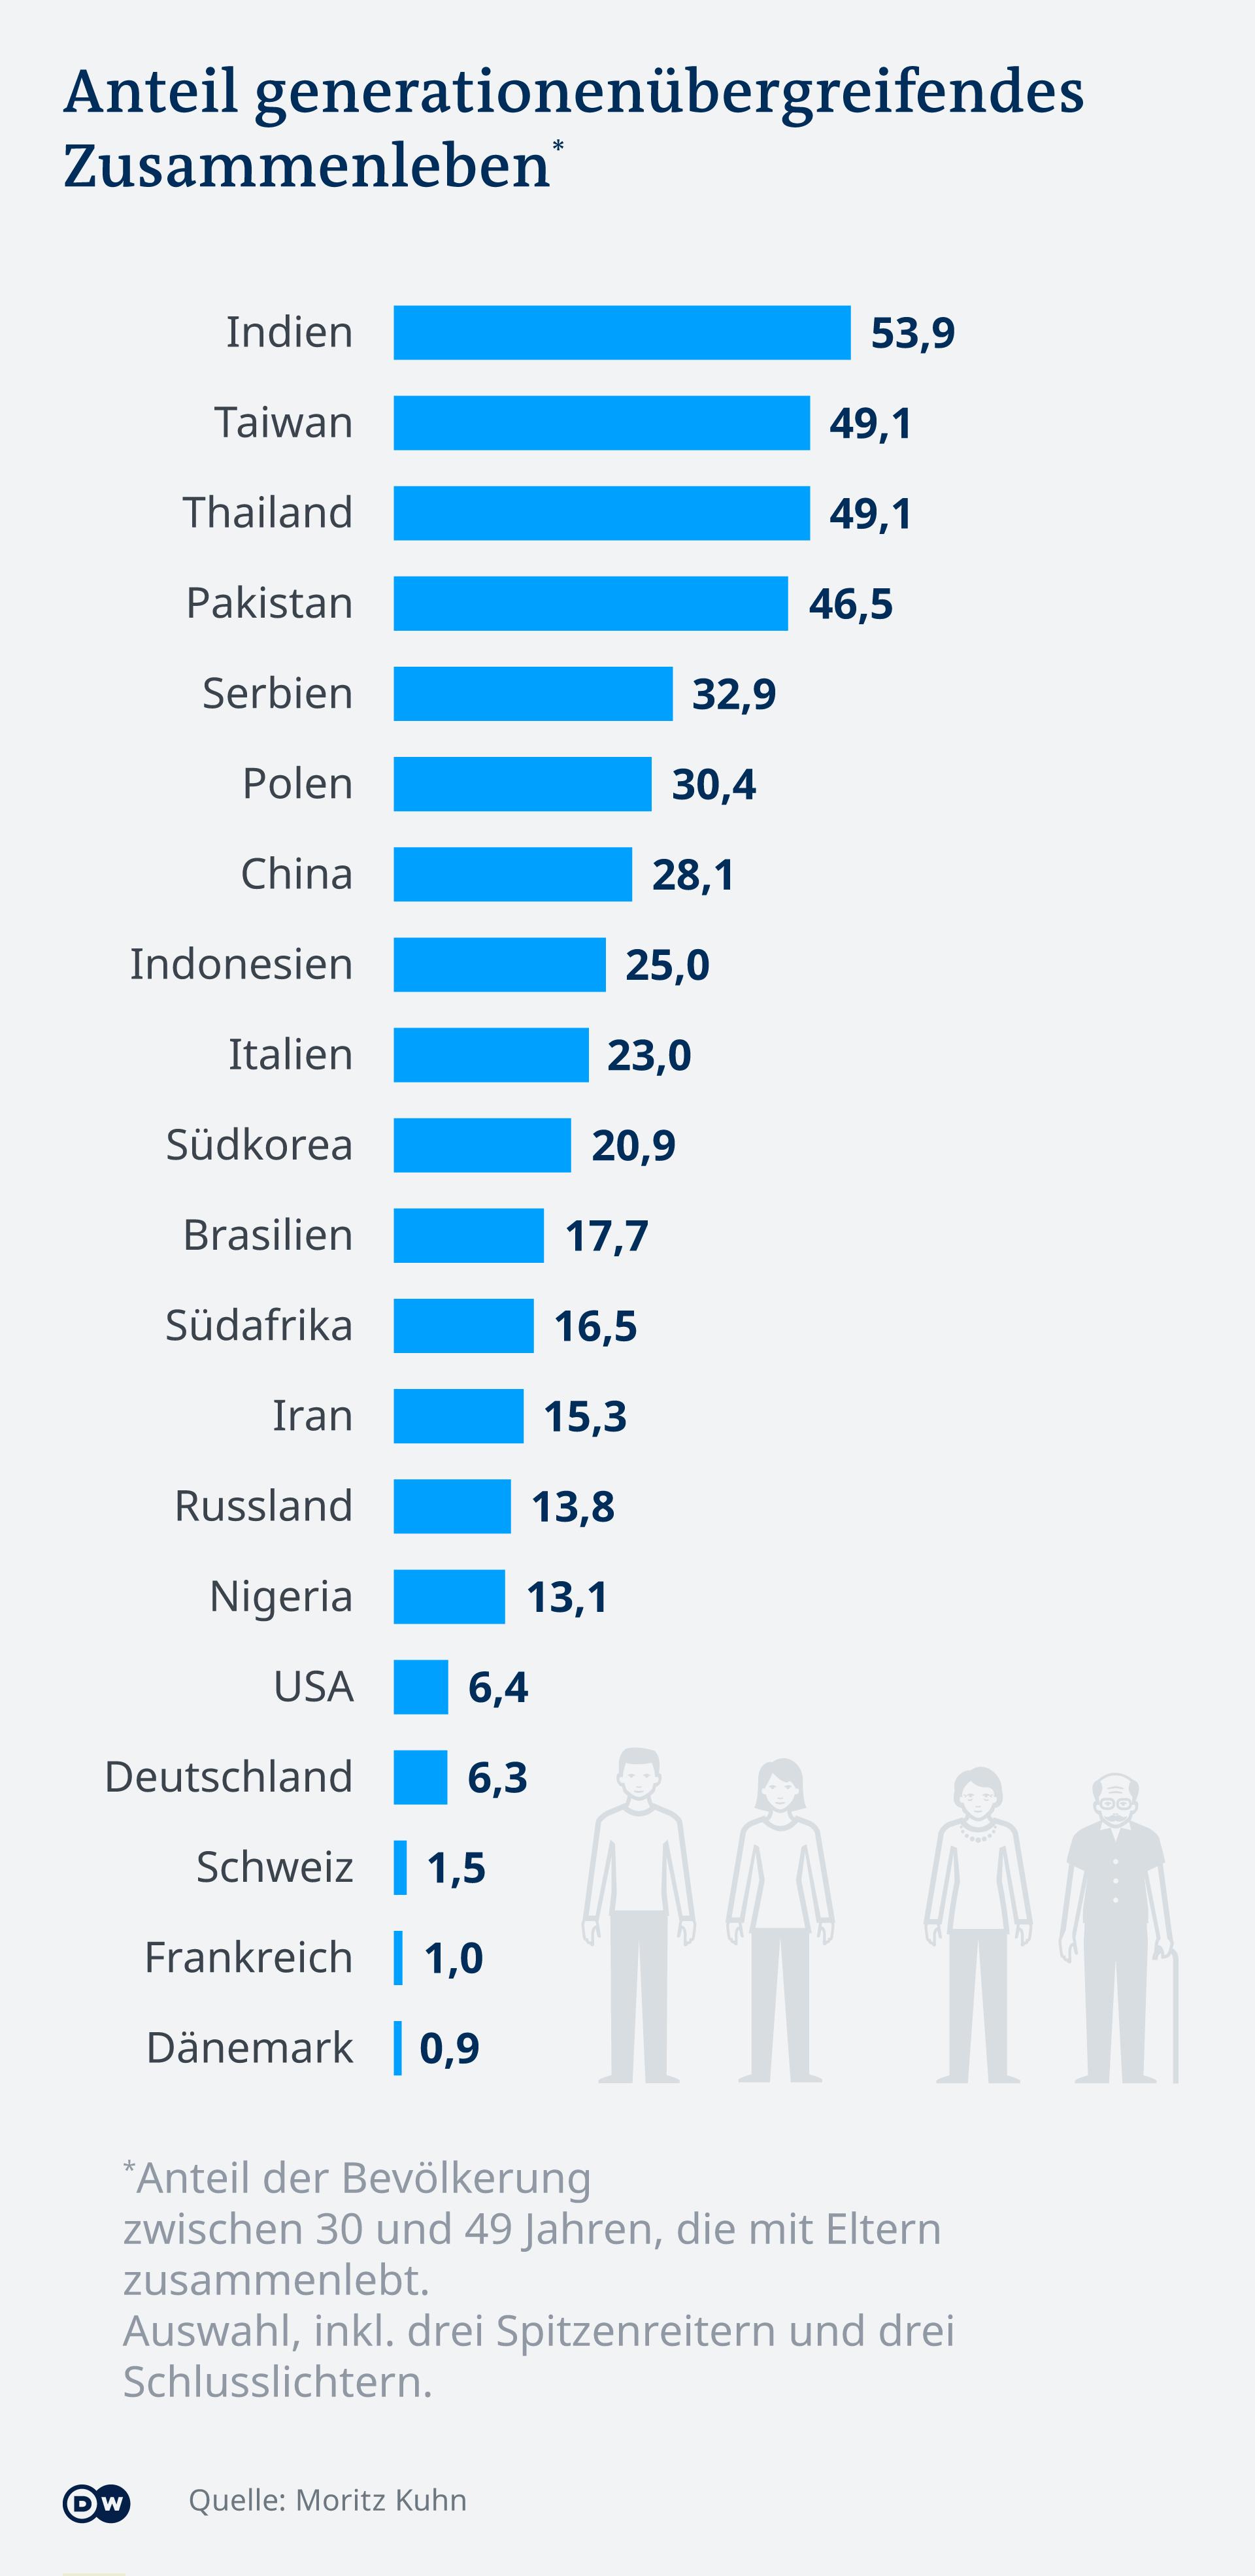 Infografik: Anteil der zusammenlebenden Generationen nach Ländern